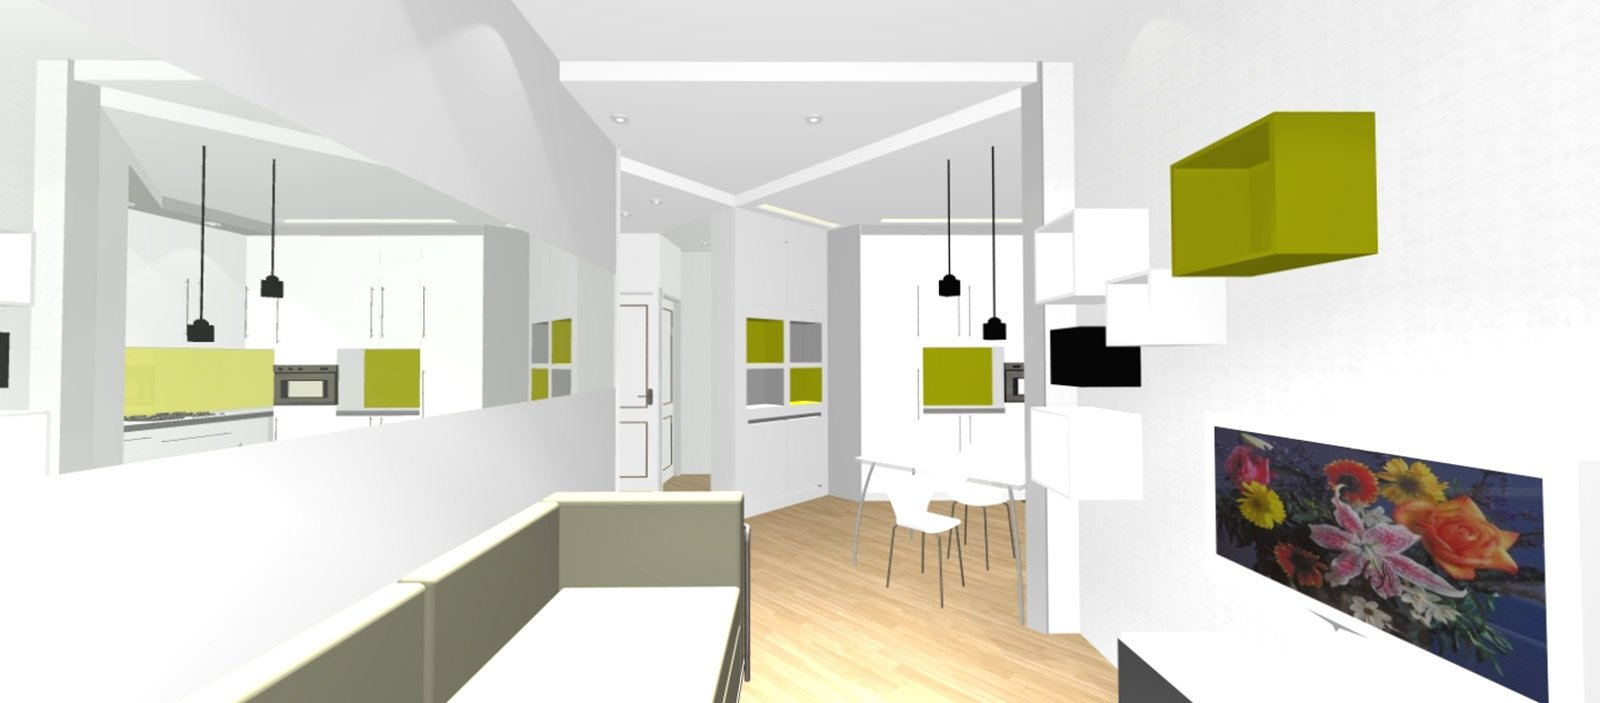 Bilocale con cucina a vista cose di casa - Cucina aperta sul soggiorno ...